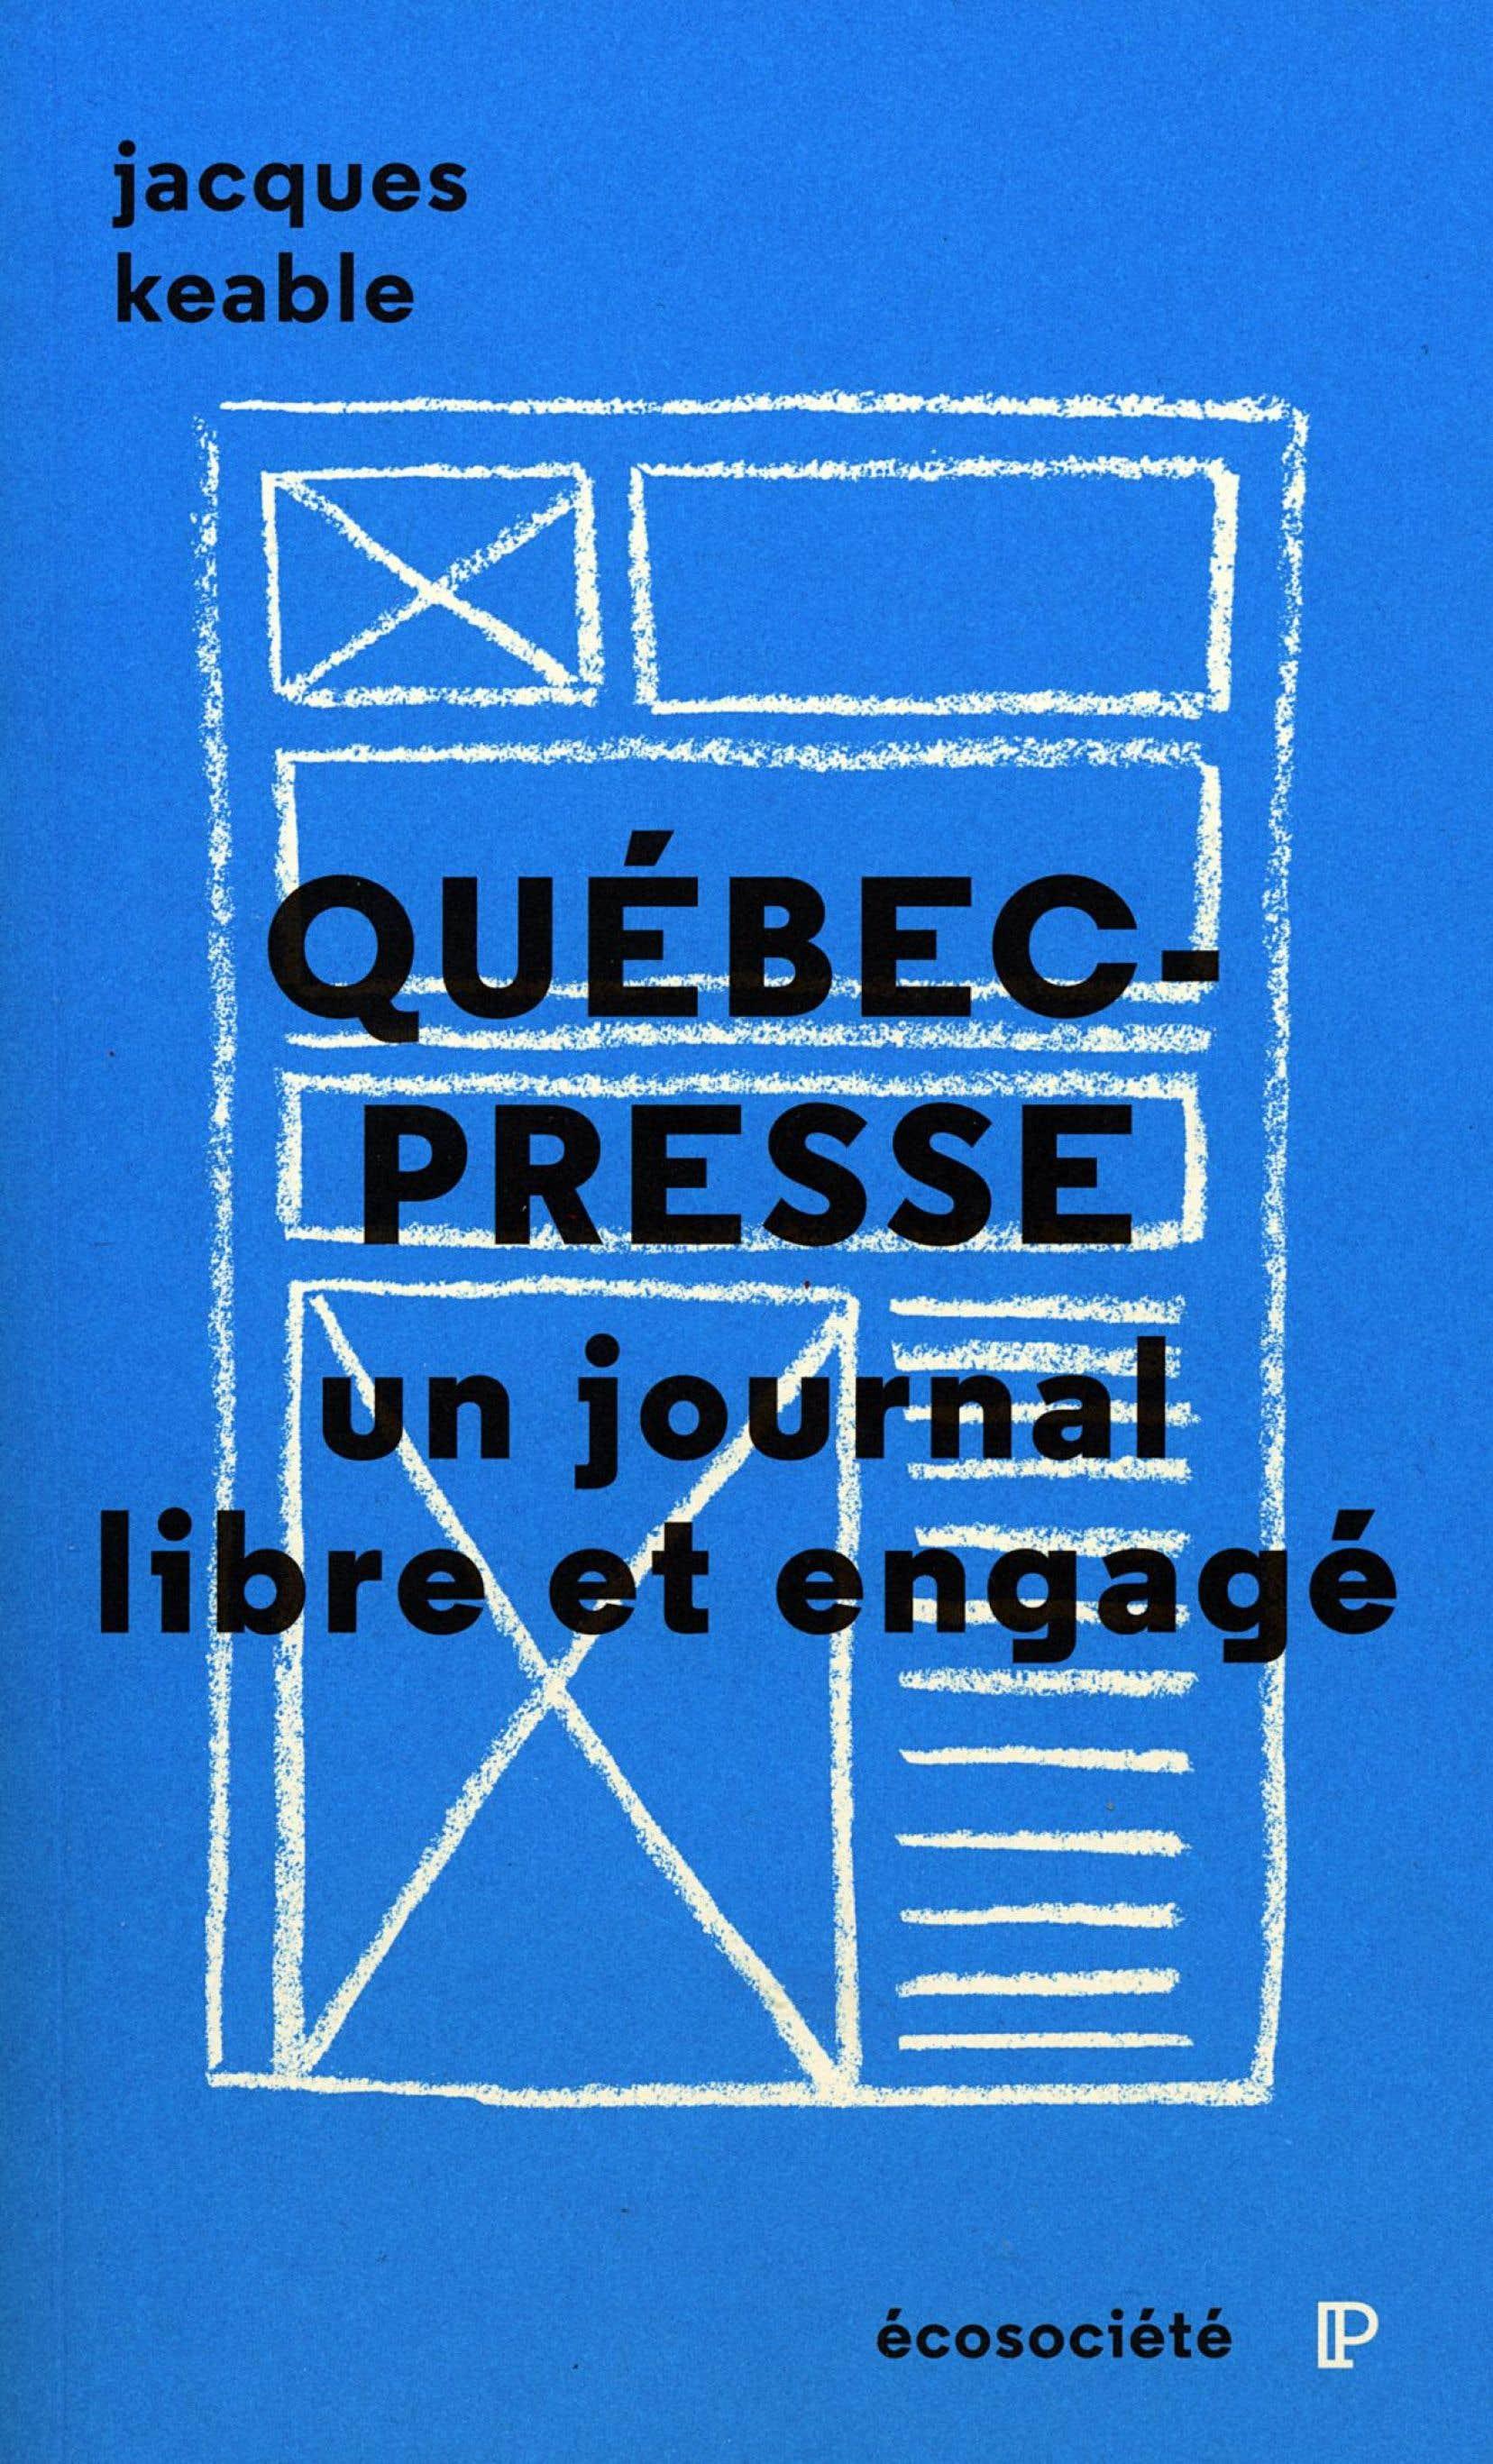 La couverture de l'ouvrage «Québec-Presse, un journal libre et engagé», deJacques Keable